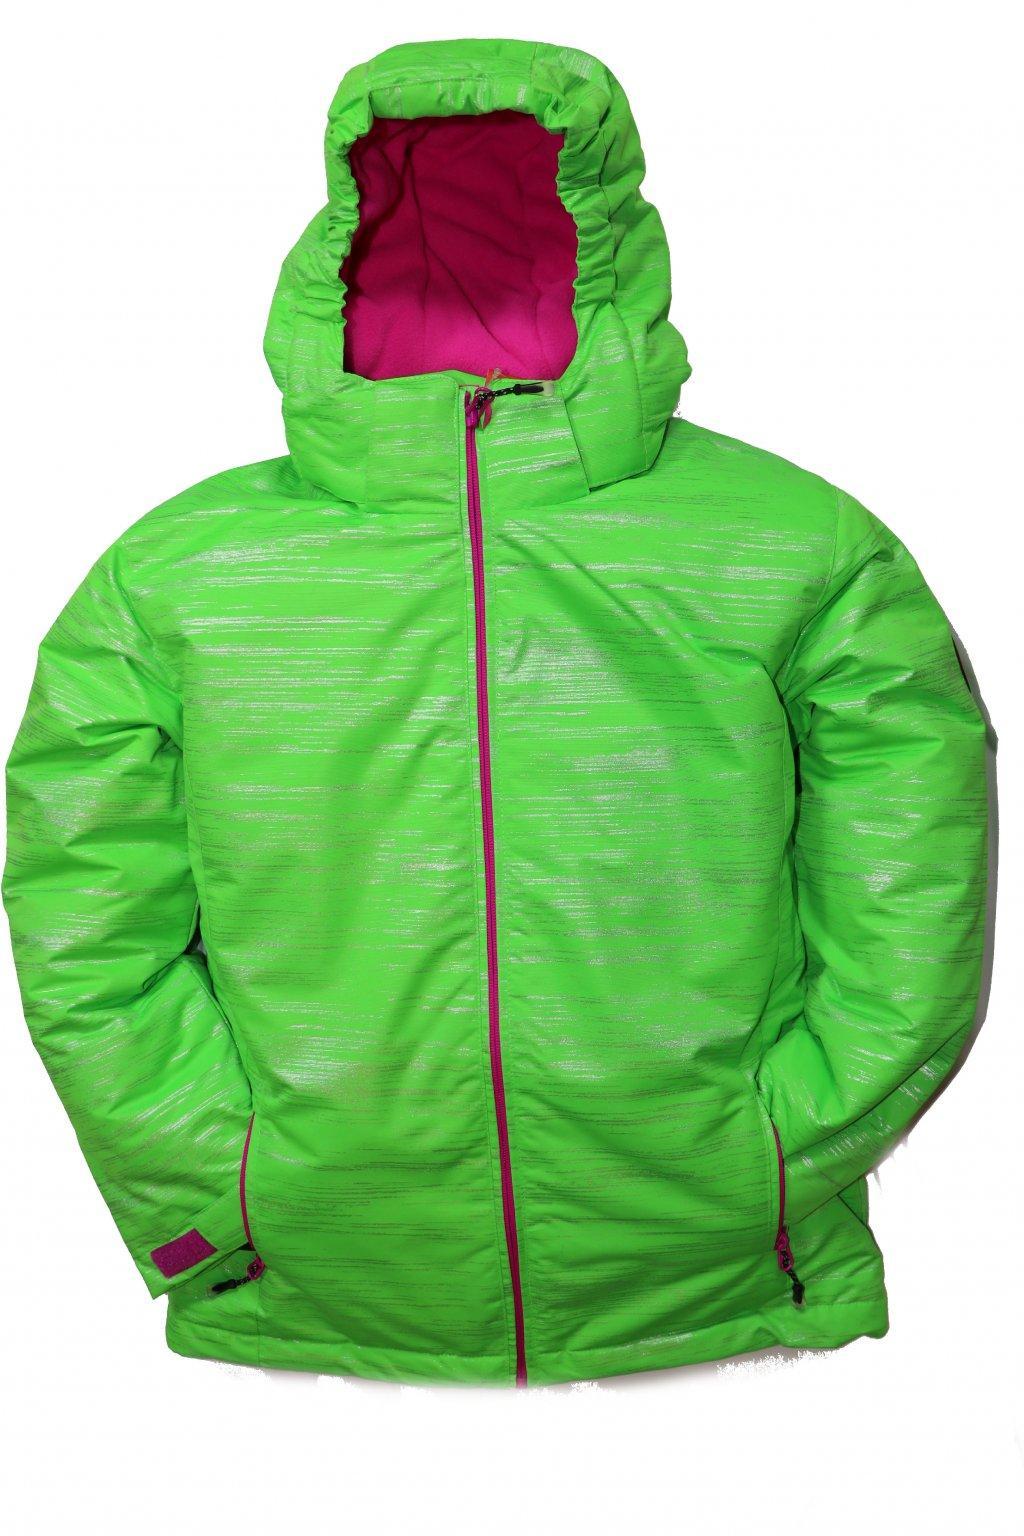 Dětská zimní bunda volného střihu HA04-M2 zelená vel. 134-164 cm